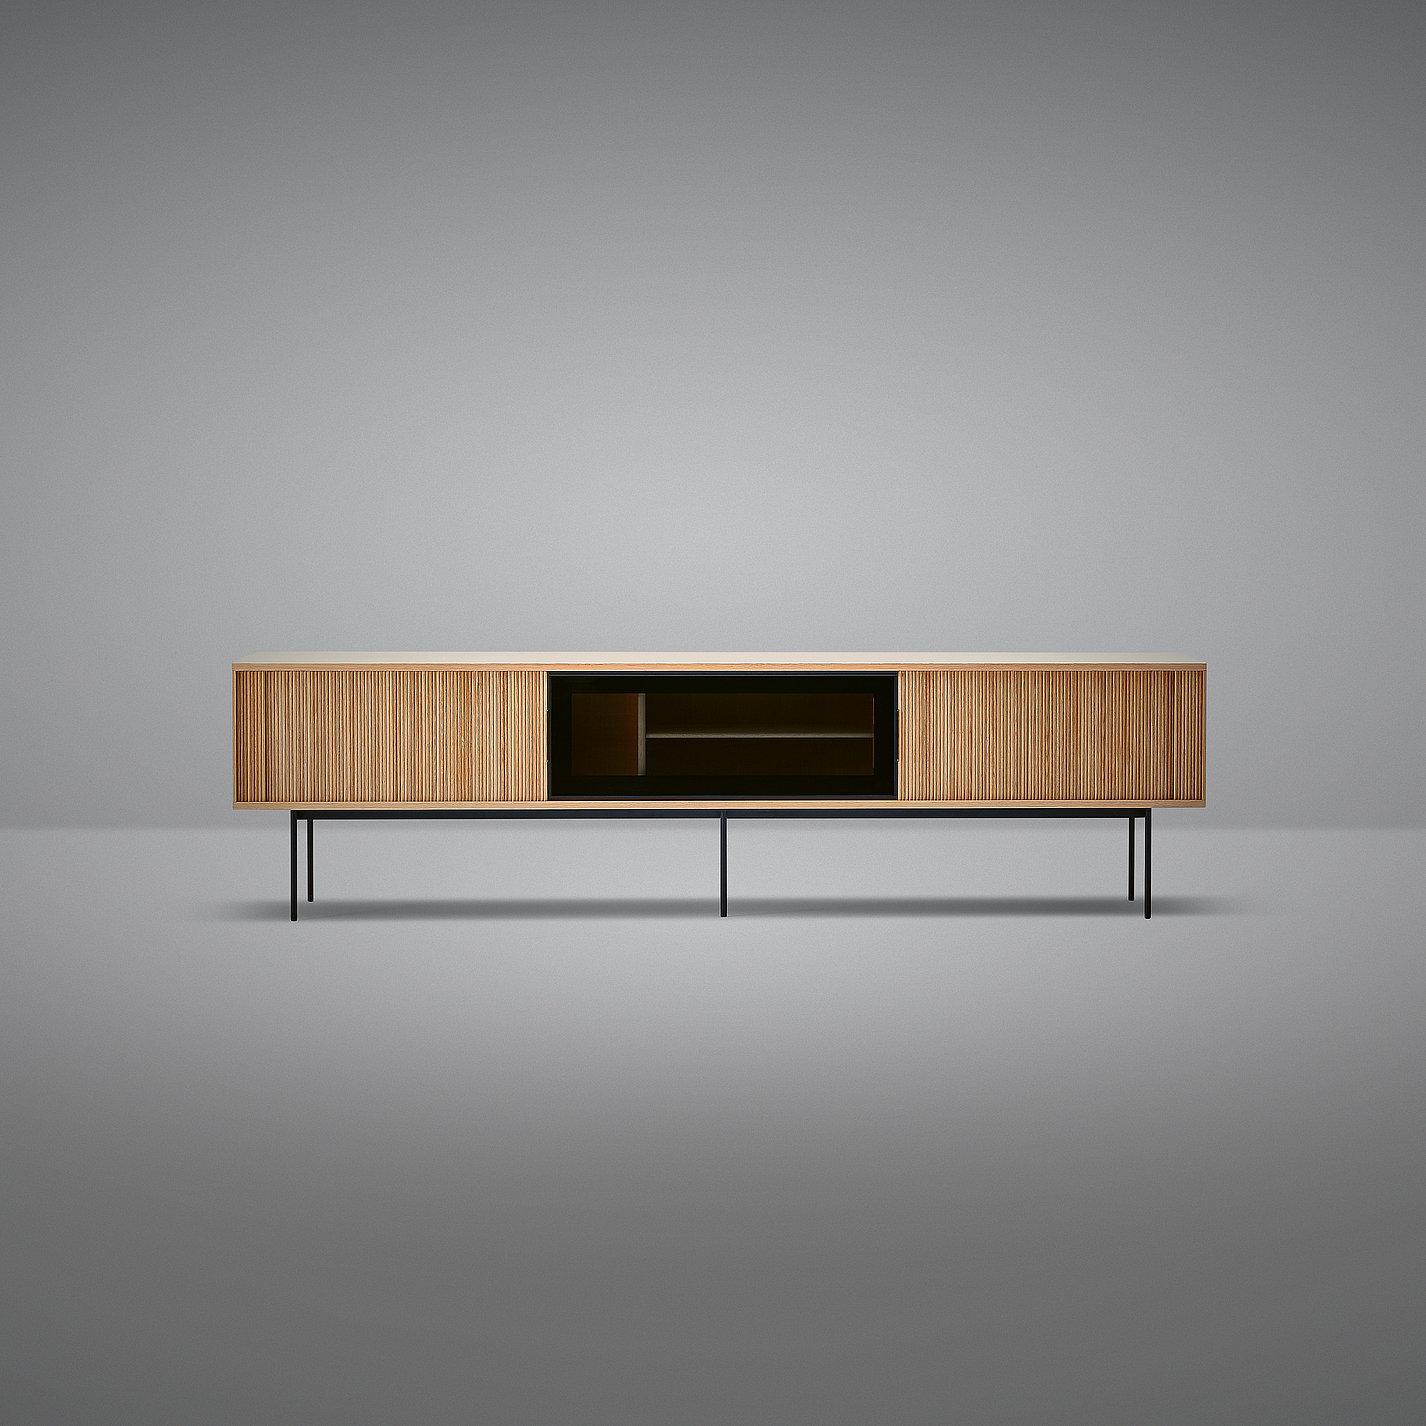 Jabara AV Board | Red Dot Design Award